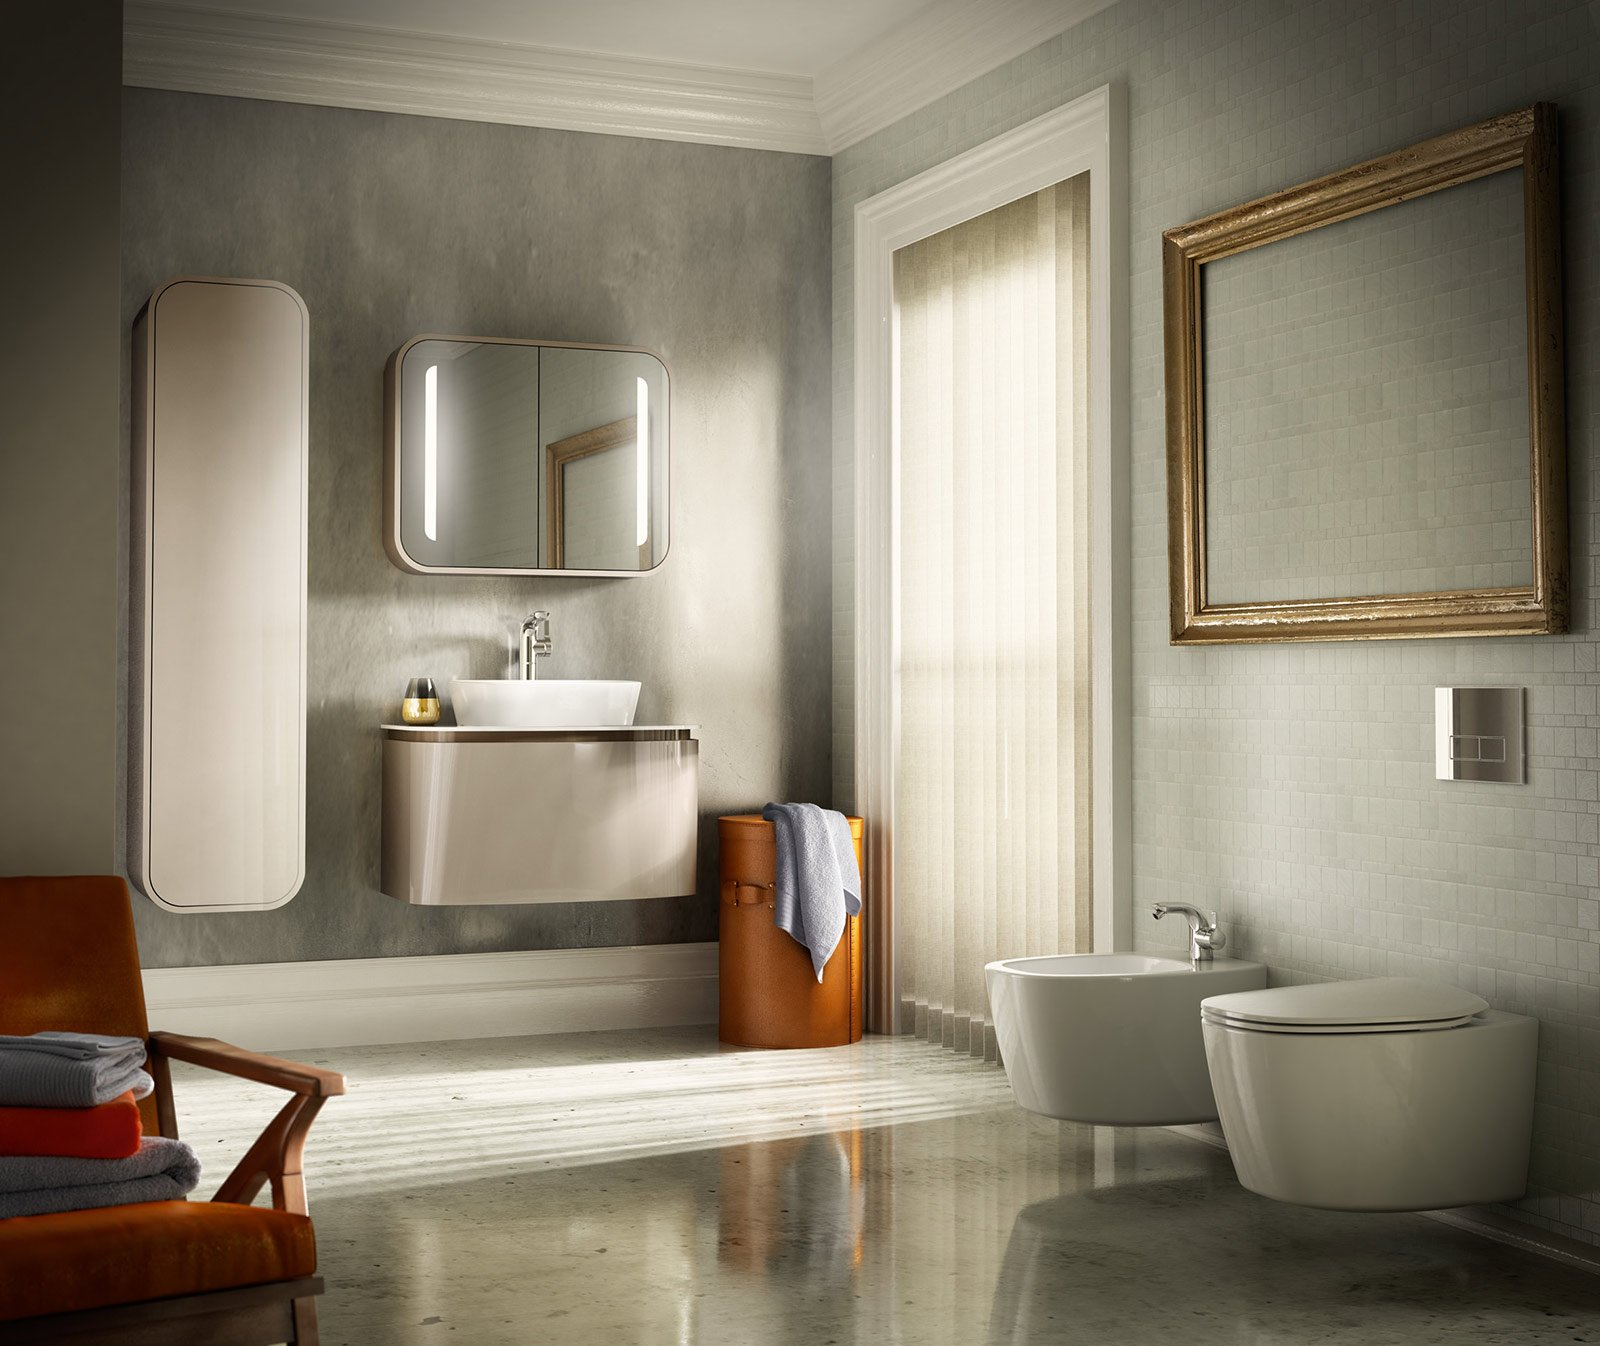 Lavabo & mobile   cose di casa